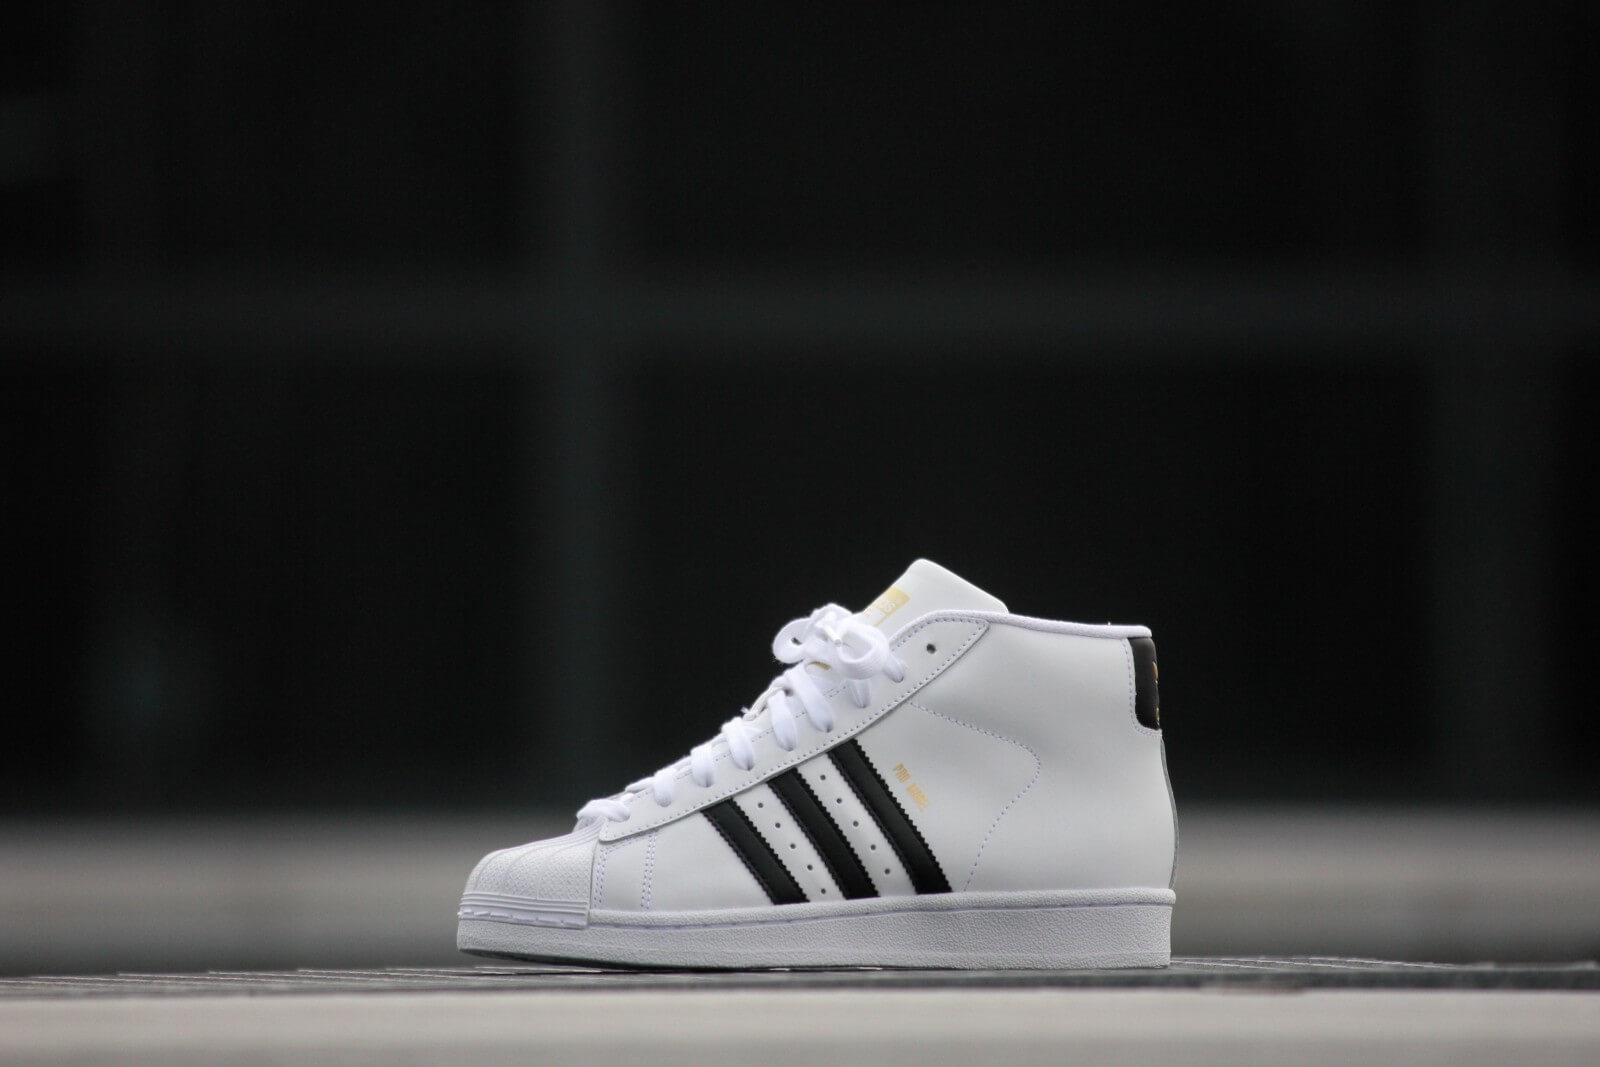 Adidas Superstar Pro Model - S85956